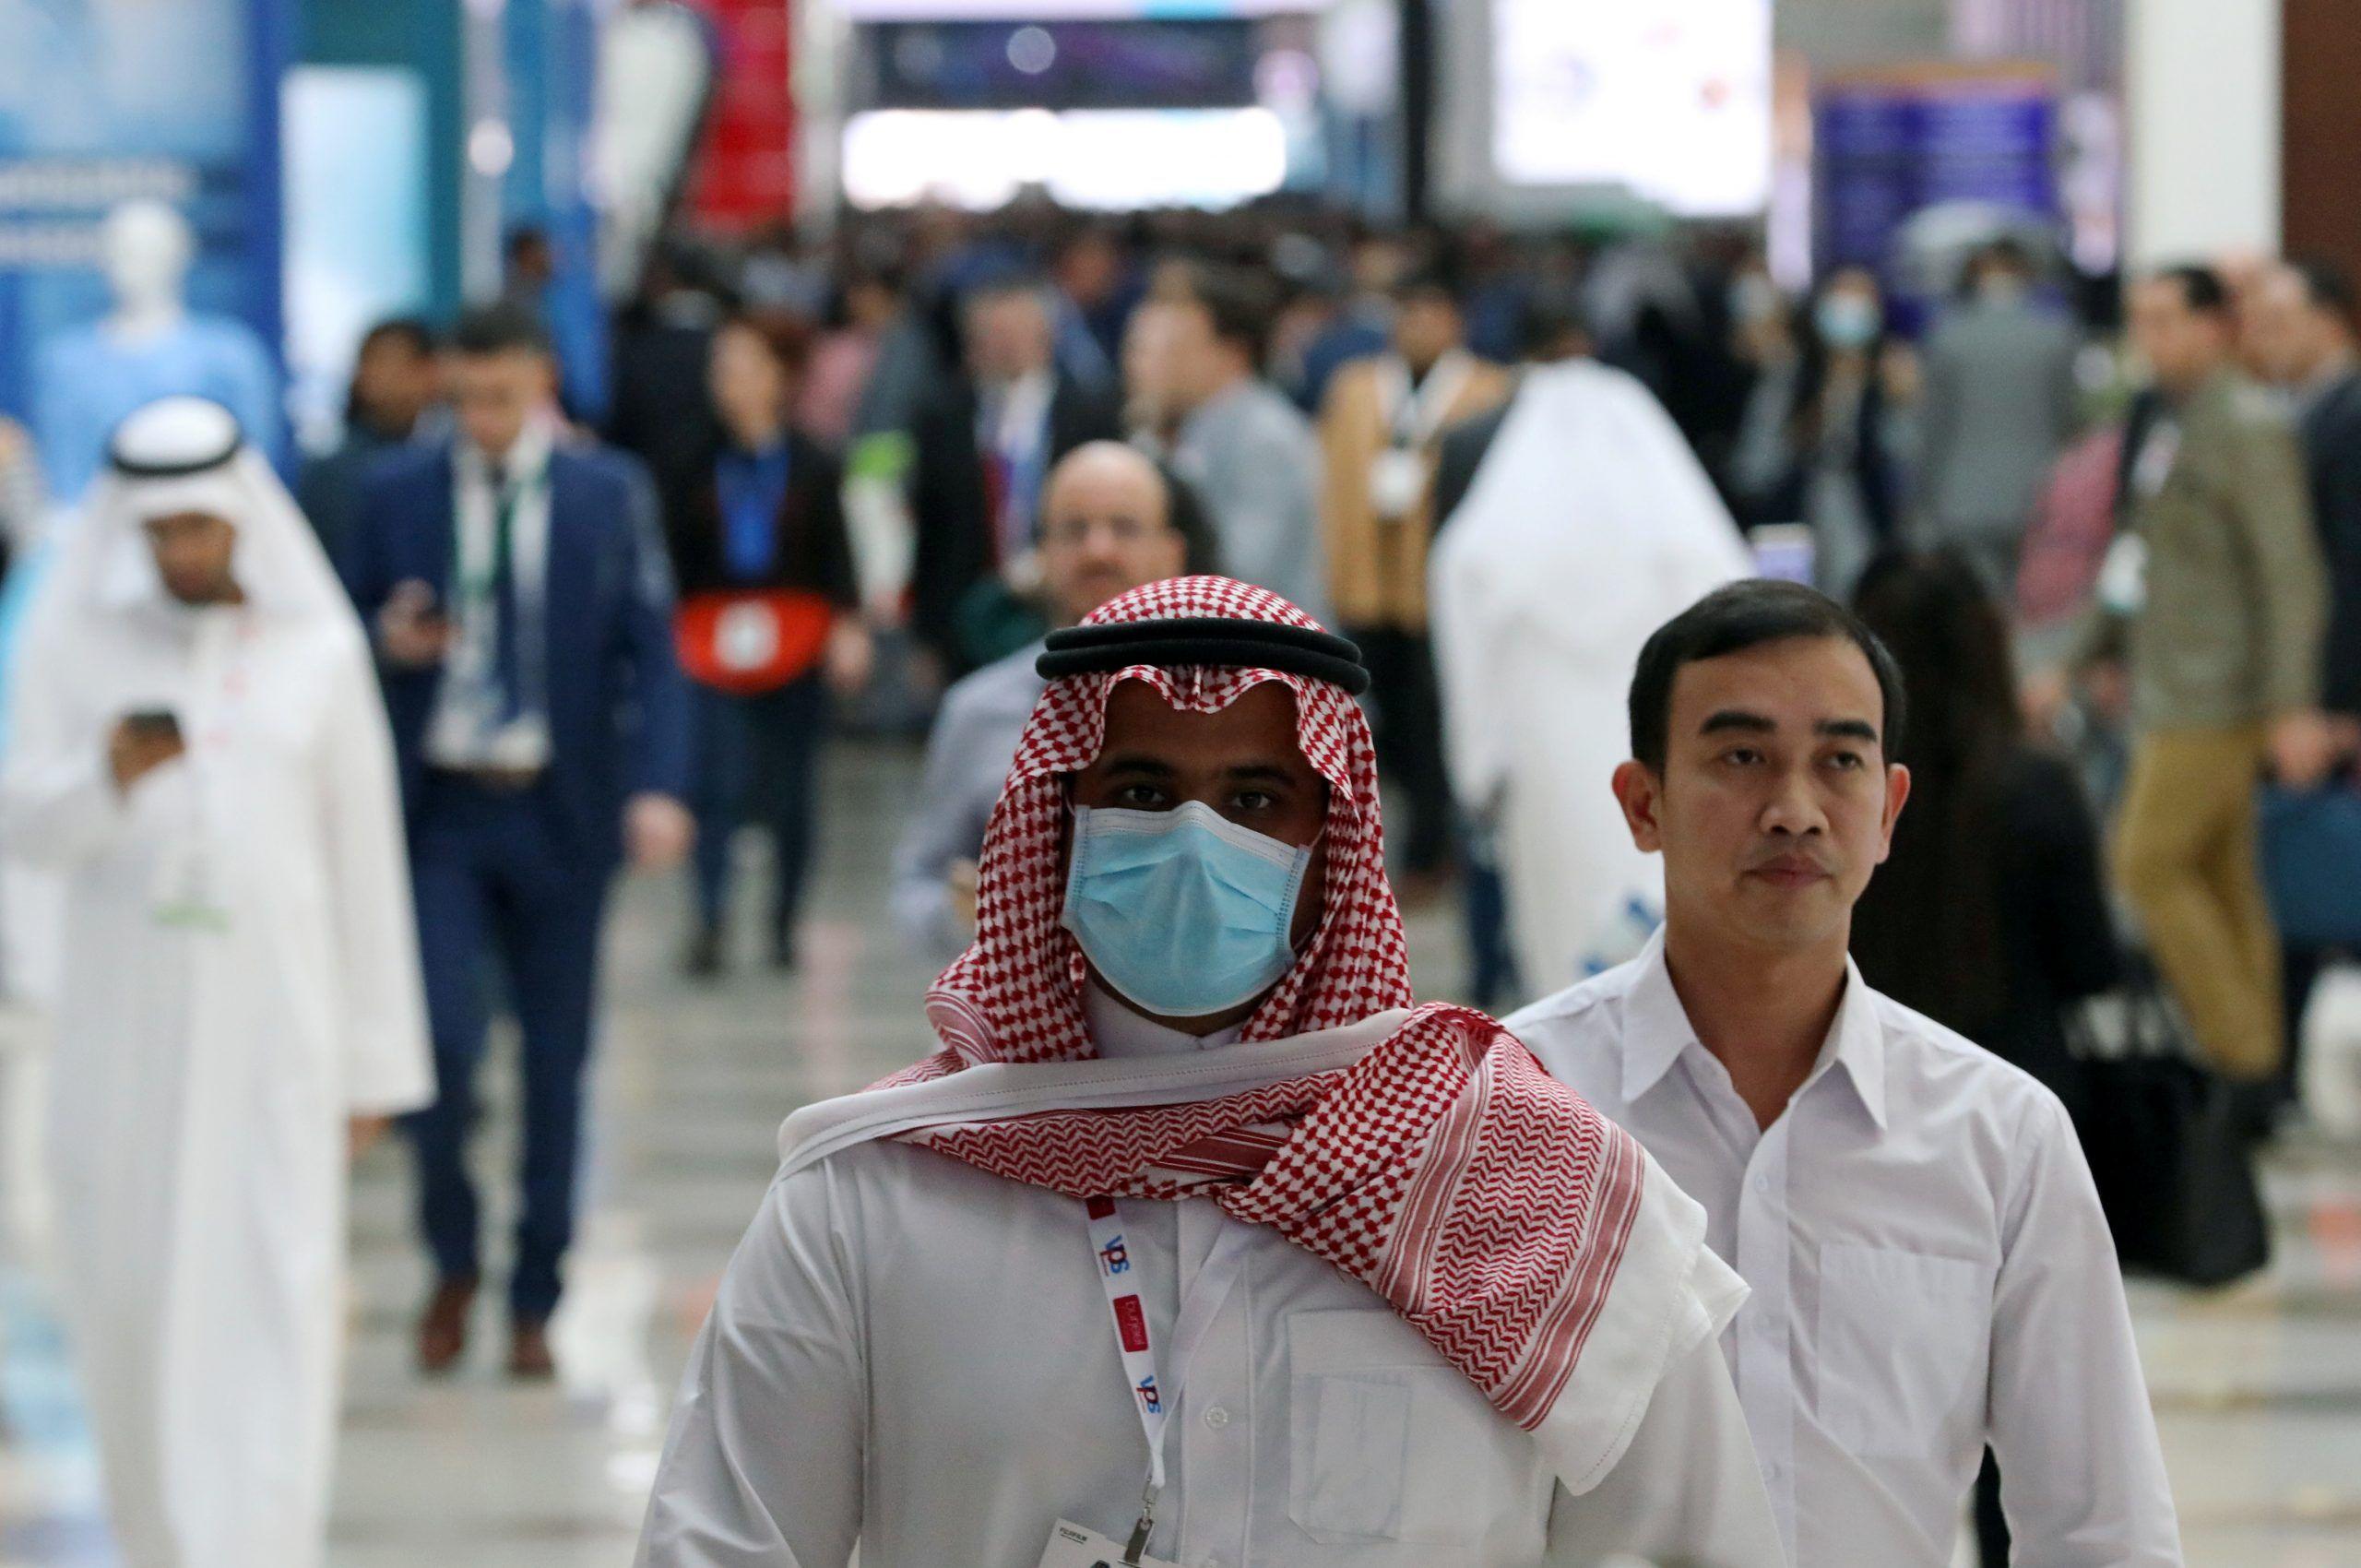 السعودية تسجل أكبر ارتفاع بإصابات فيروس كورونا - بوابة الشروق ...